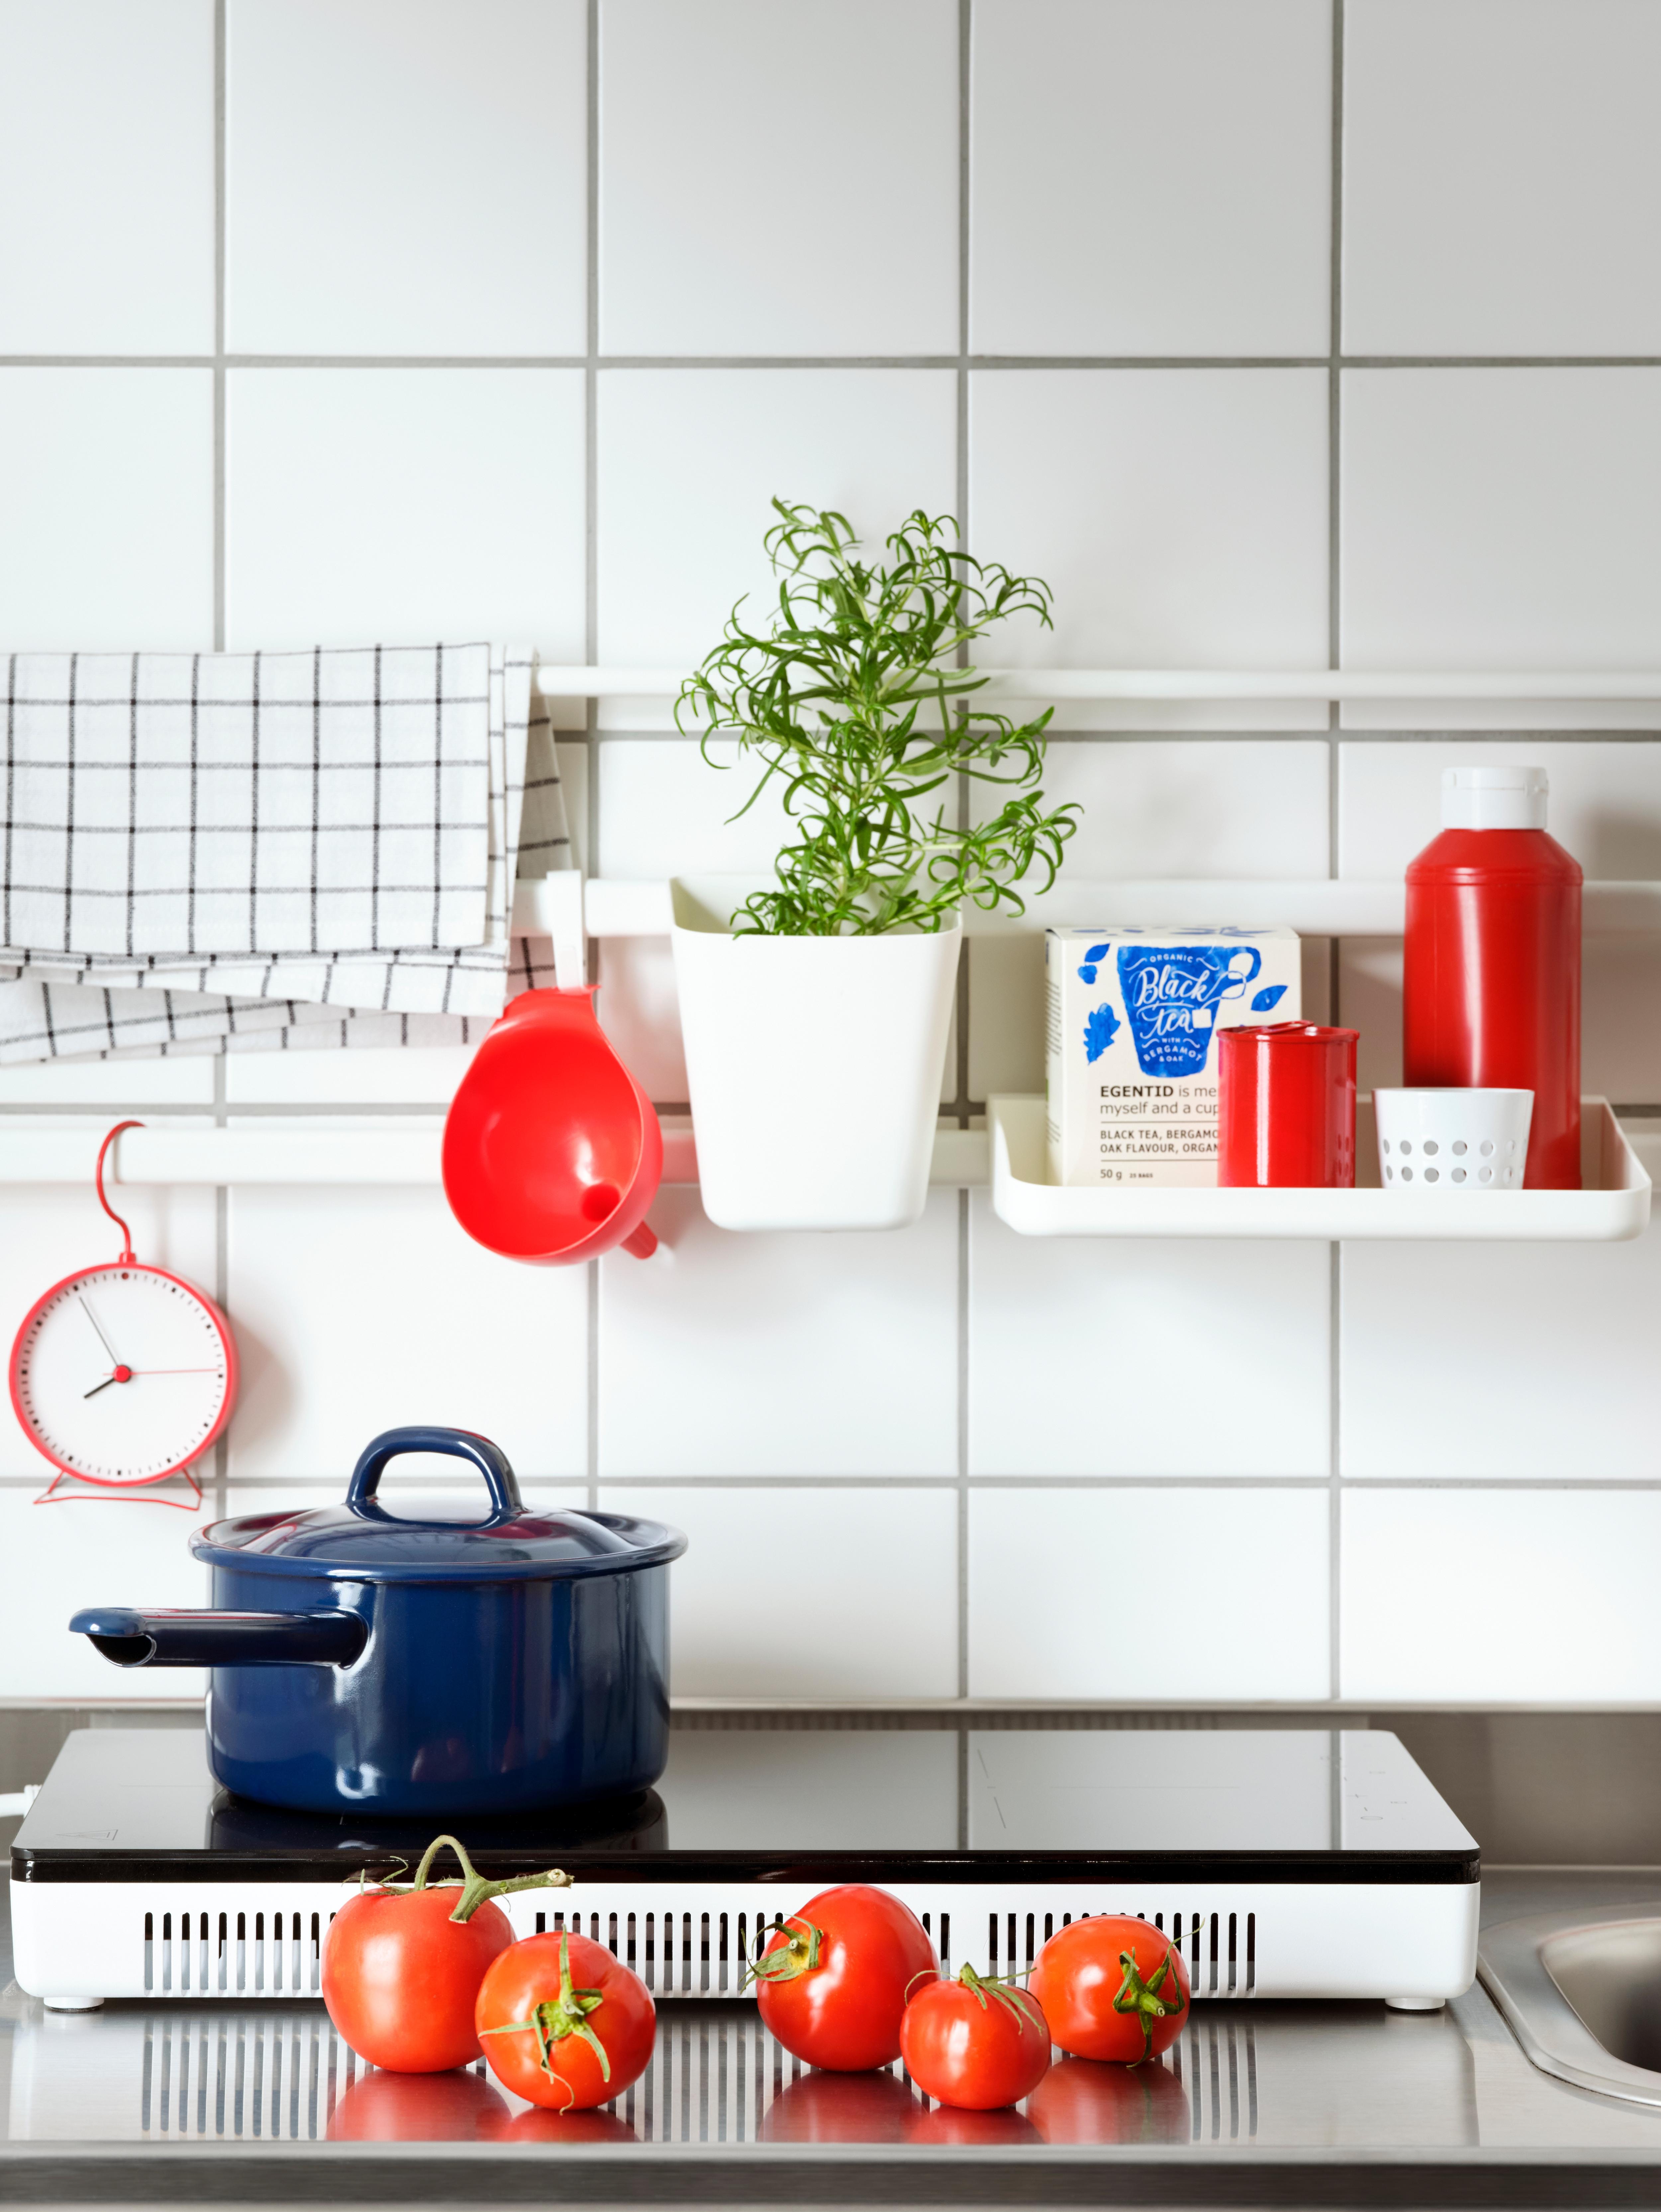 TILLREDA prijenosno indukcijsko kuhalište s plavom tavom, kuhinjski predmeti na bijeloj SUNNERSTA polici i posuda s biljem.